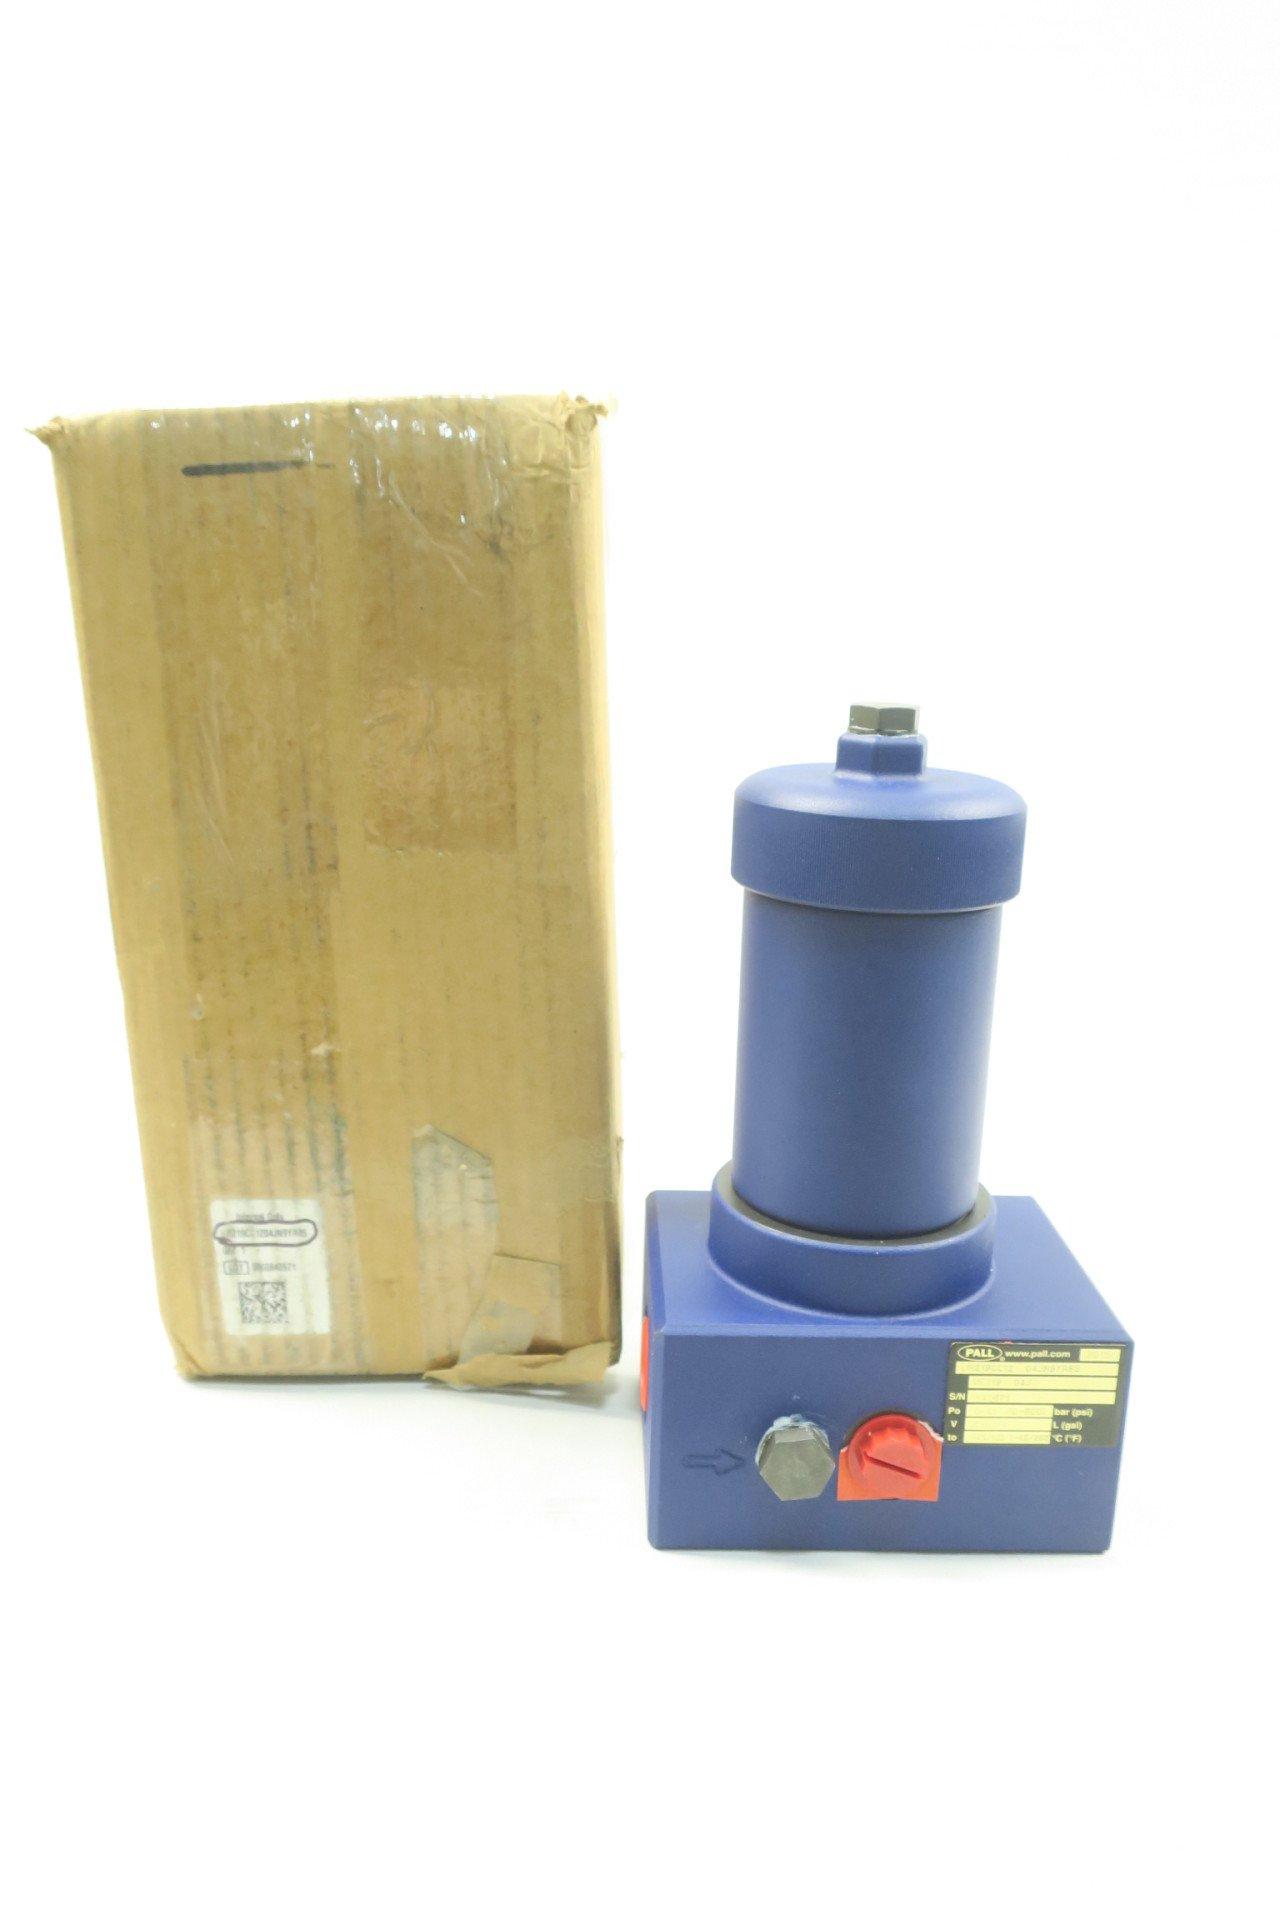 NEW PALL UR219CC12 04JNYR85 HYDRAULIC FILTER 0-600PSI 1IN NPT D583937